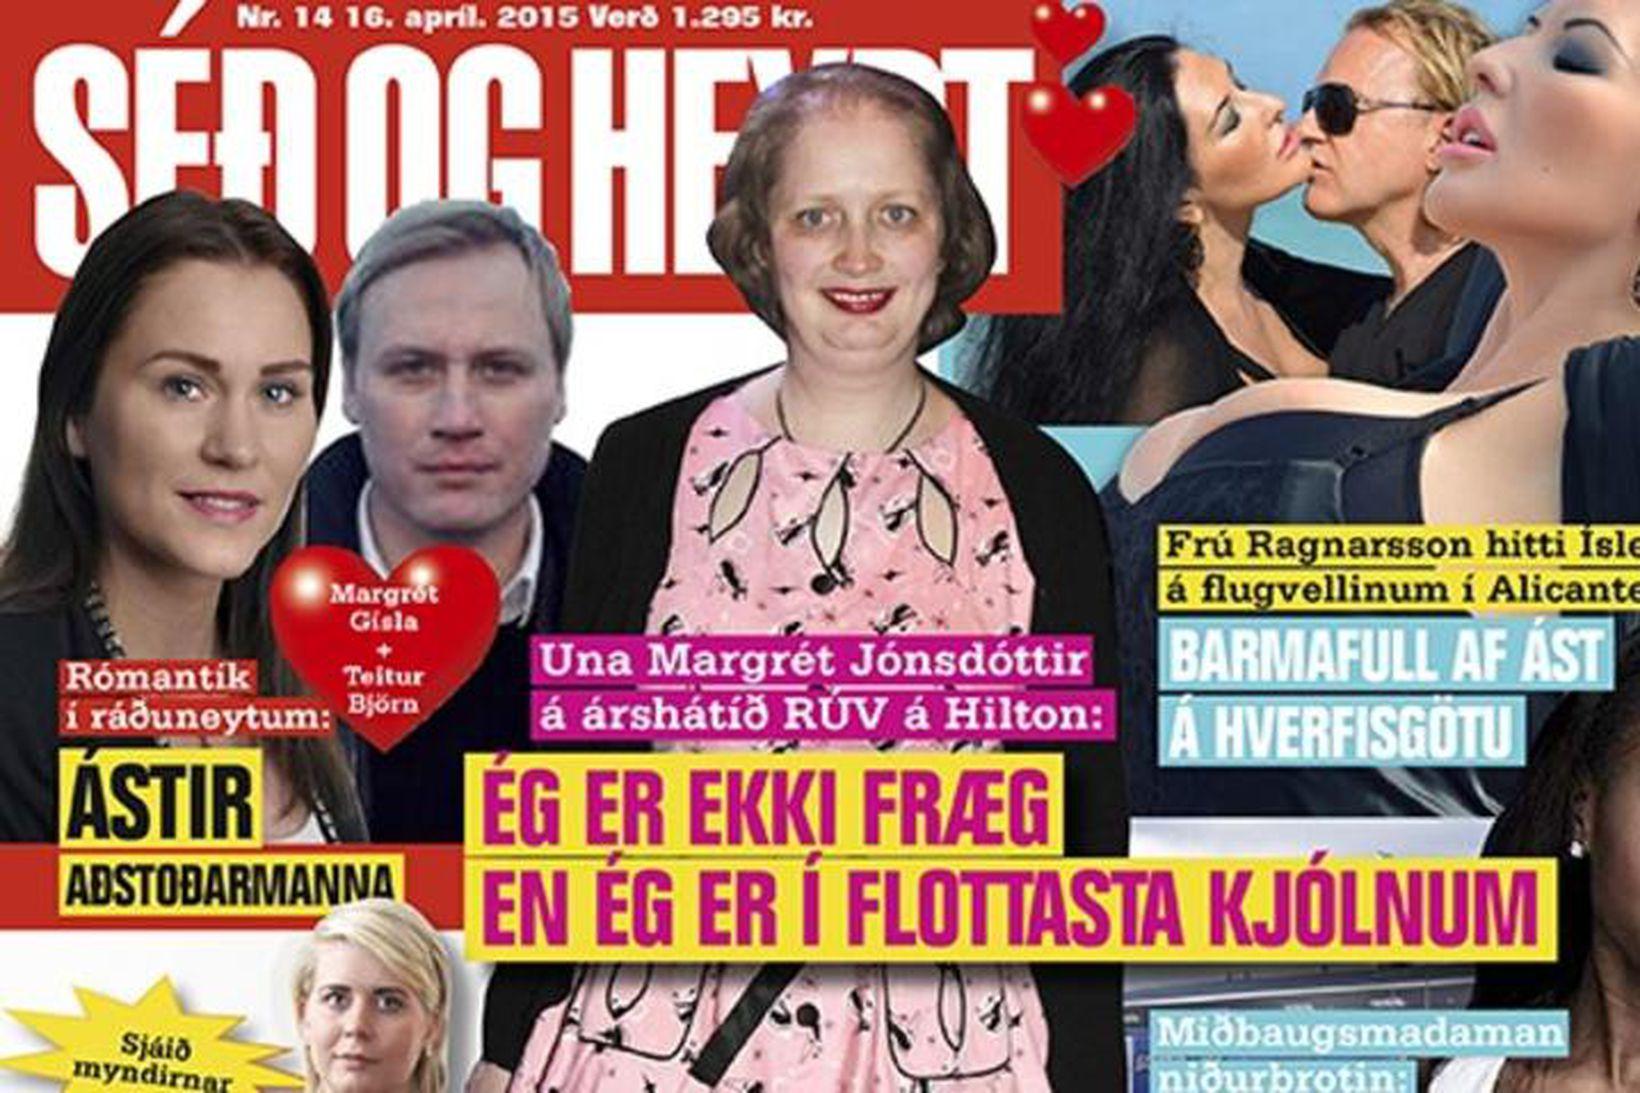 Margrét Gísladóttir og Teitur Björn Einarsson á forsíðu Séð og …